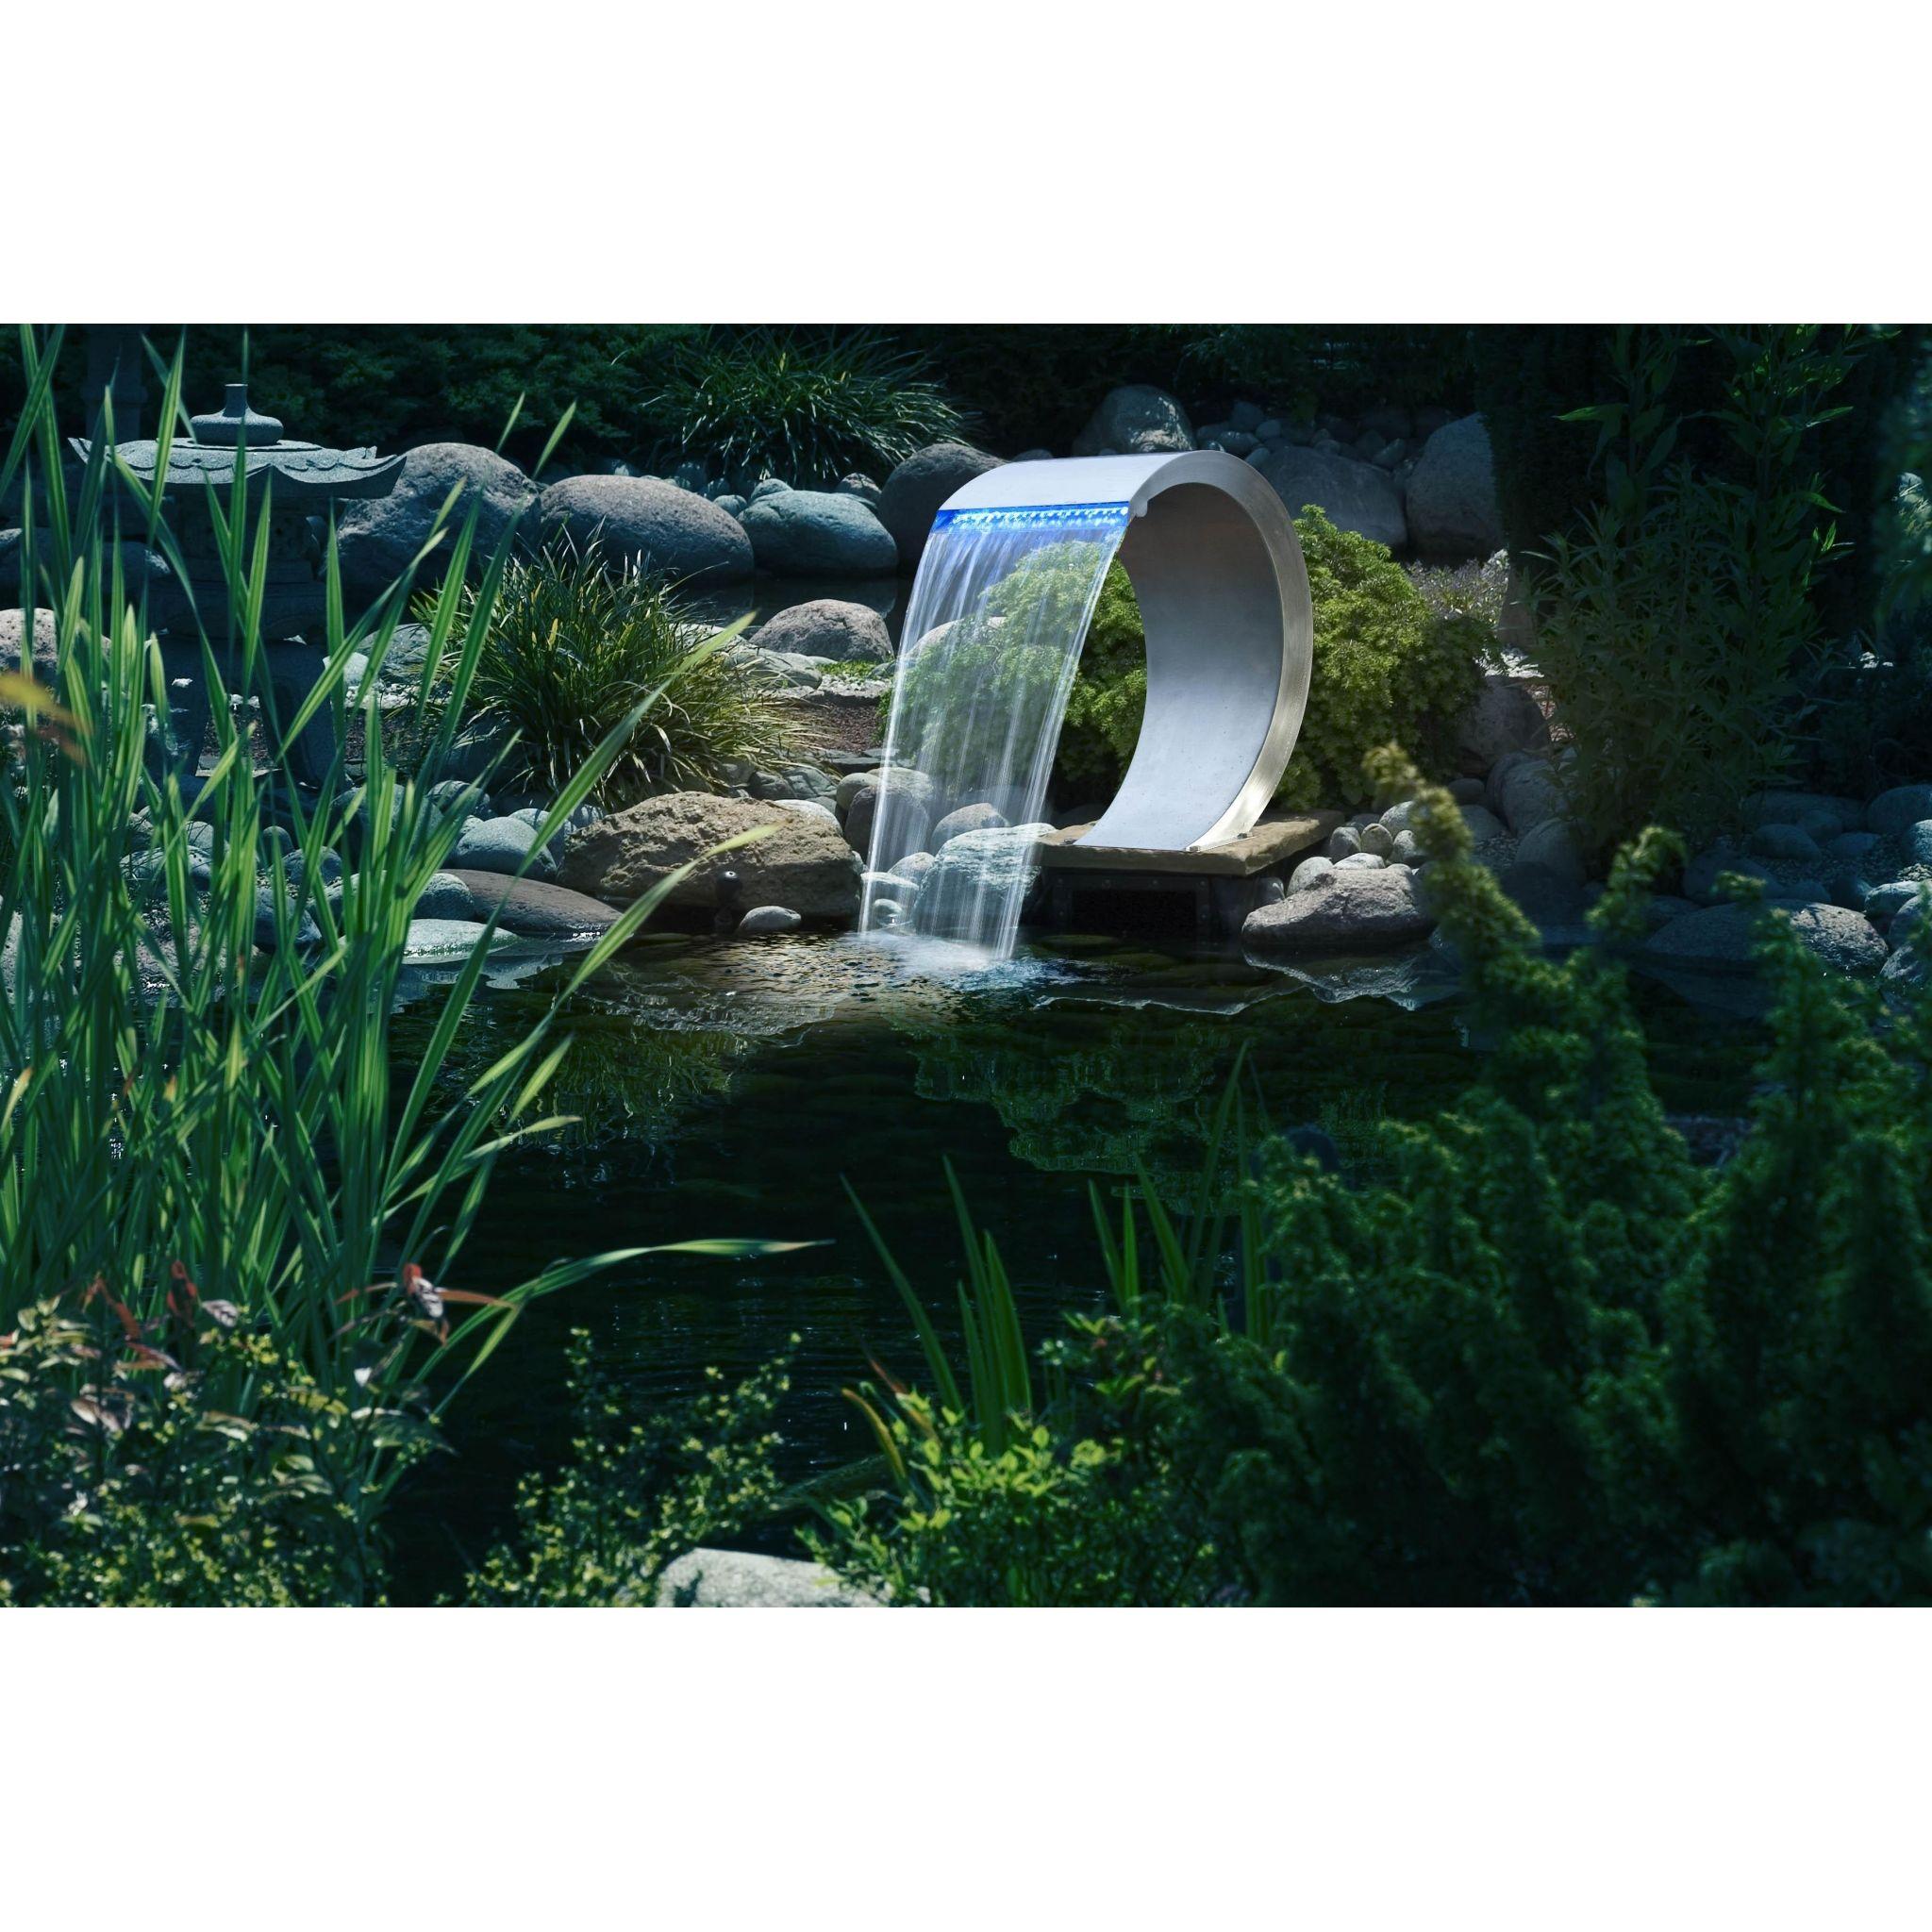 Mamba waterval roestvrij staal met led verlichting watervallen tuindecoratie - Tuindecoratie buiten ...